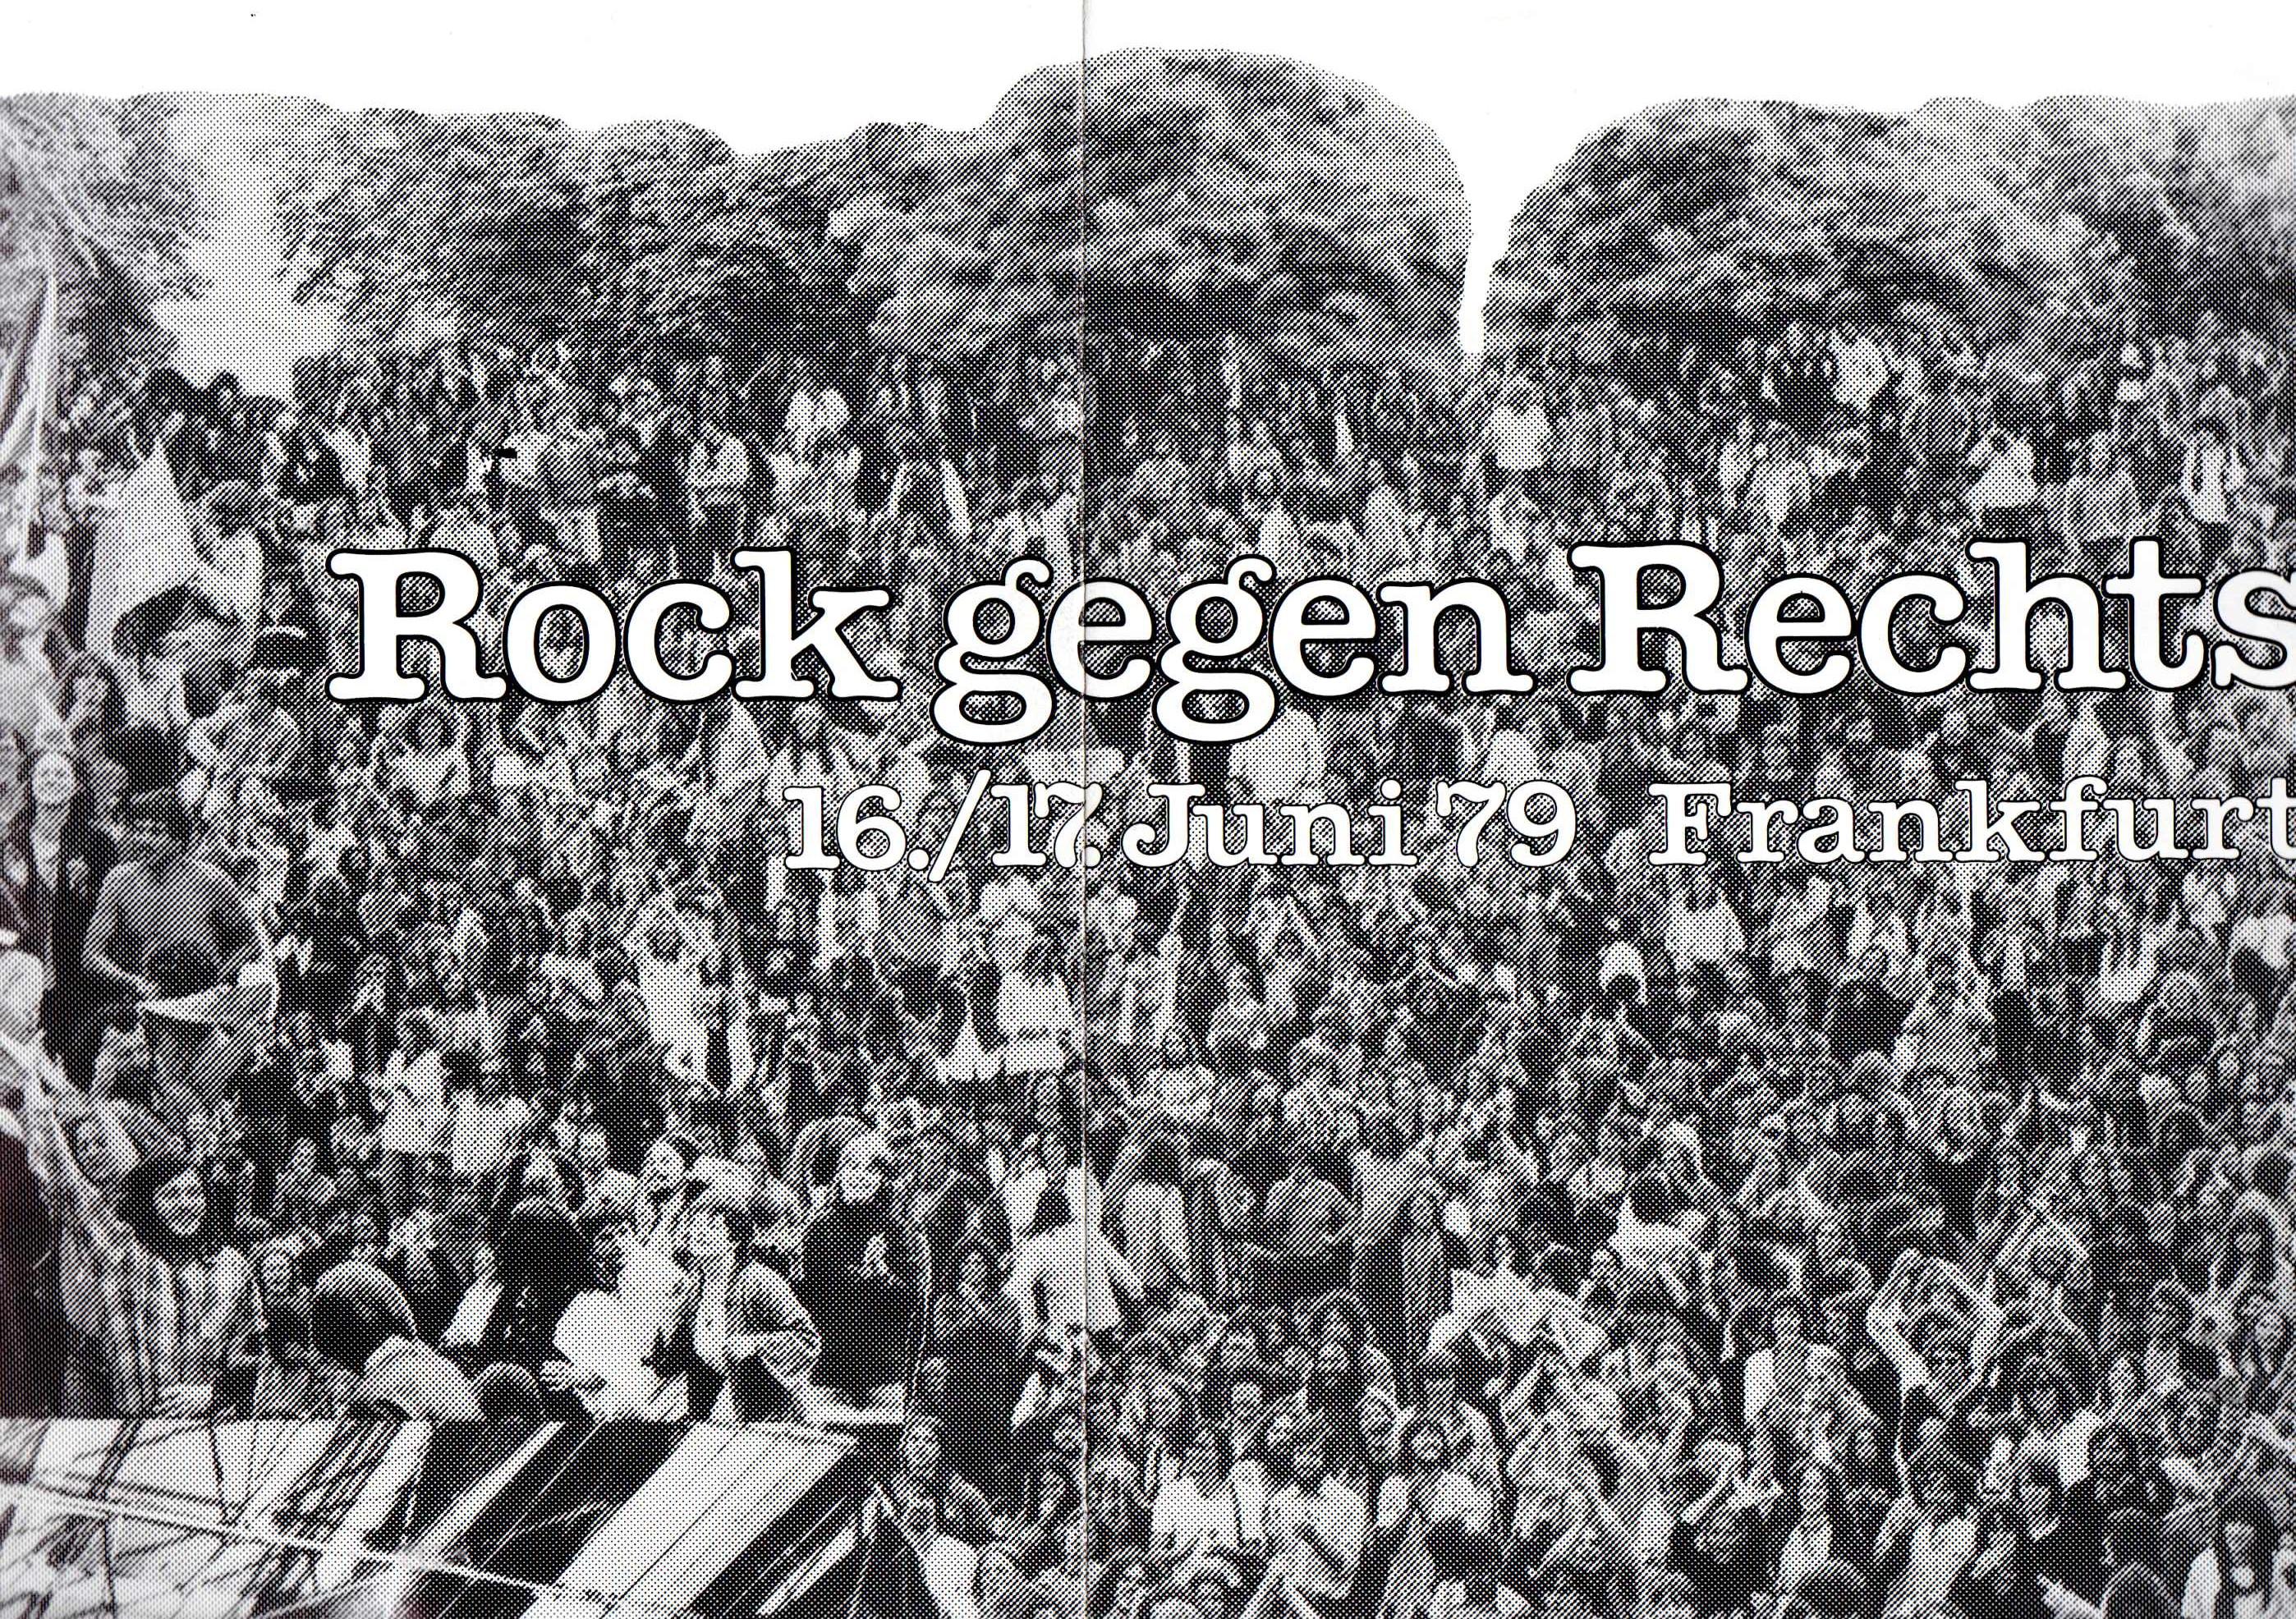 Rock Gegen Rechts Frankfurt